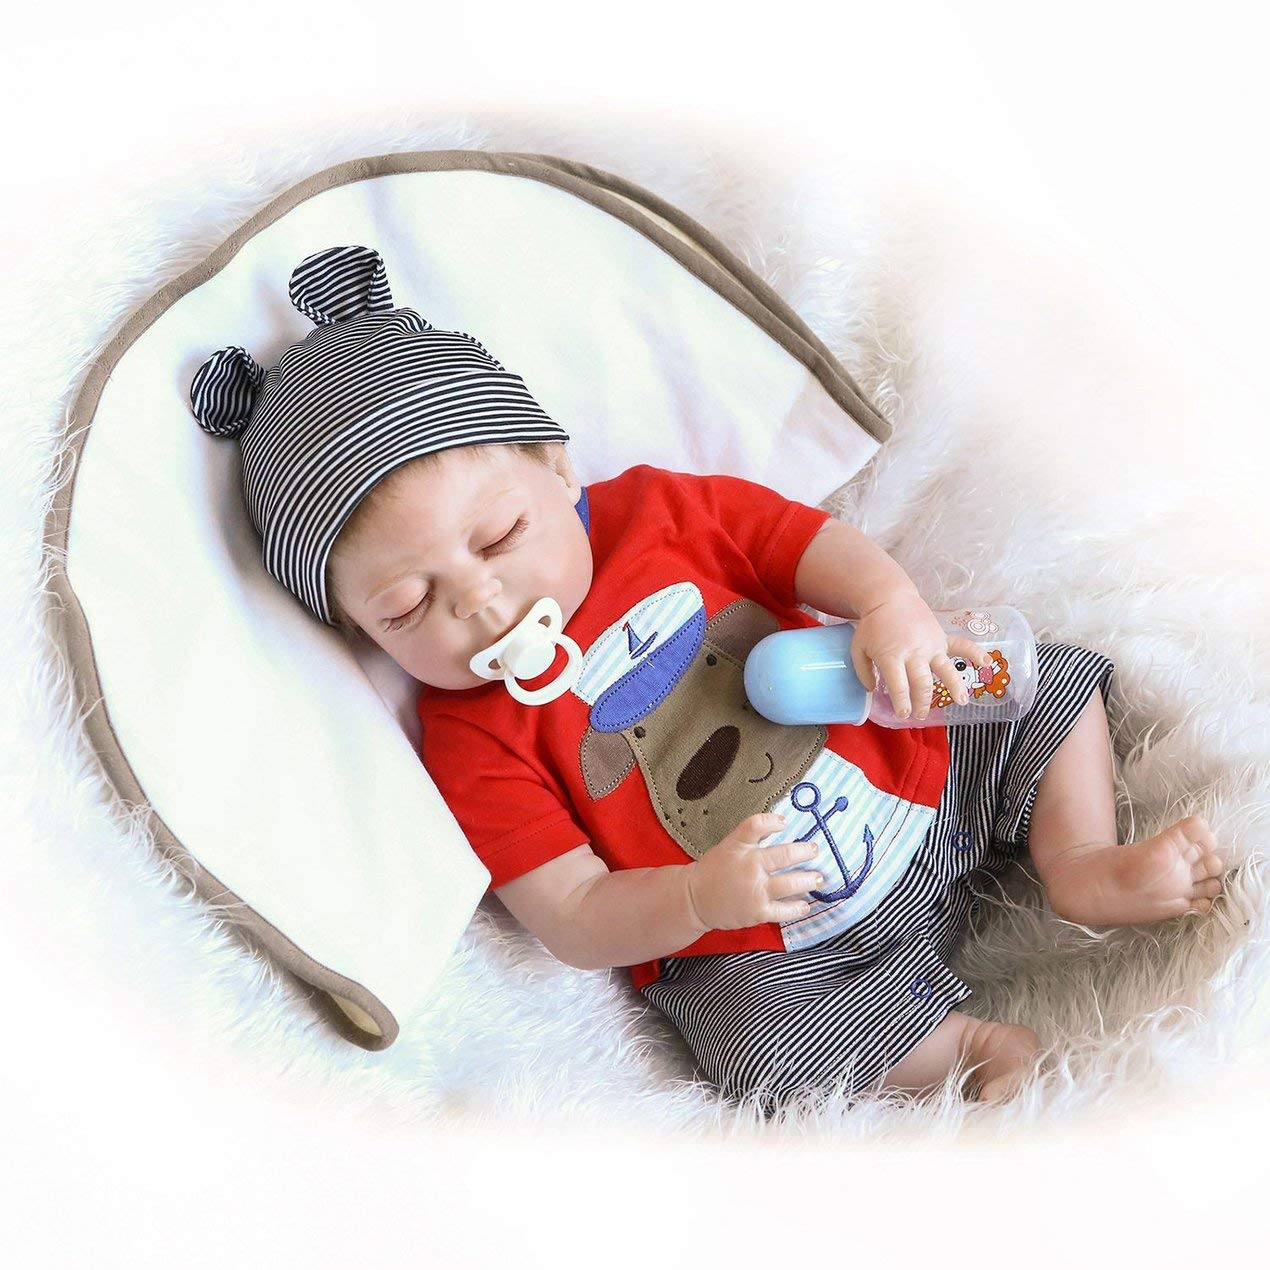 Reducción de precio Kawaii Silicona Suave Reborn Sleeping Baby Doll Realista Muñeca Recién Nacida Se ve